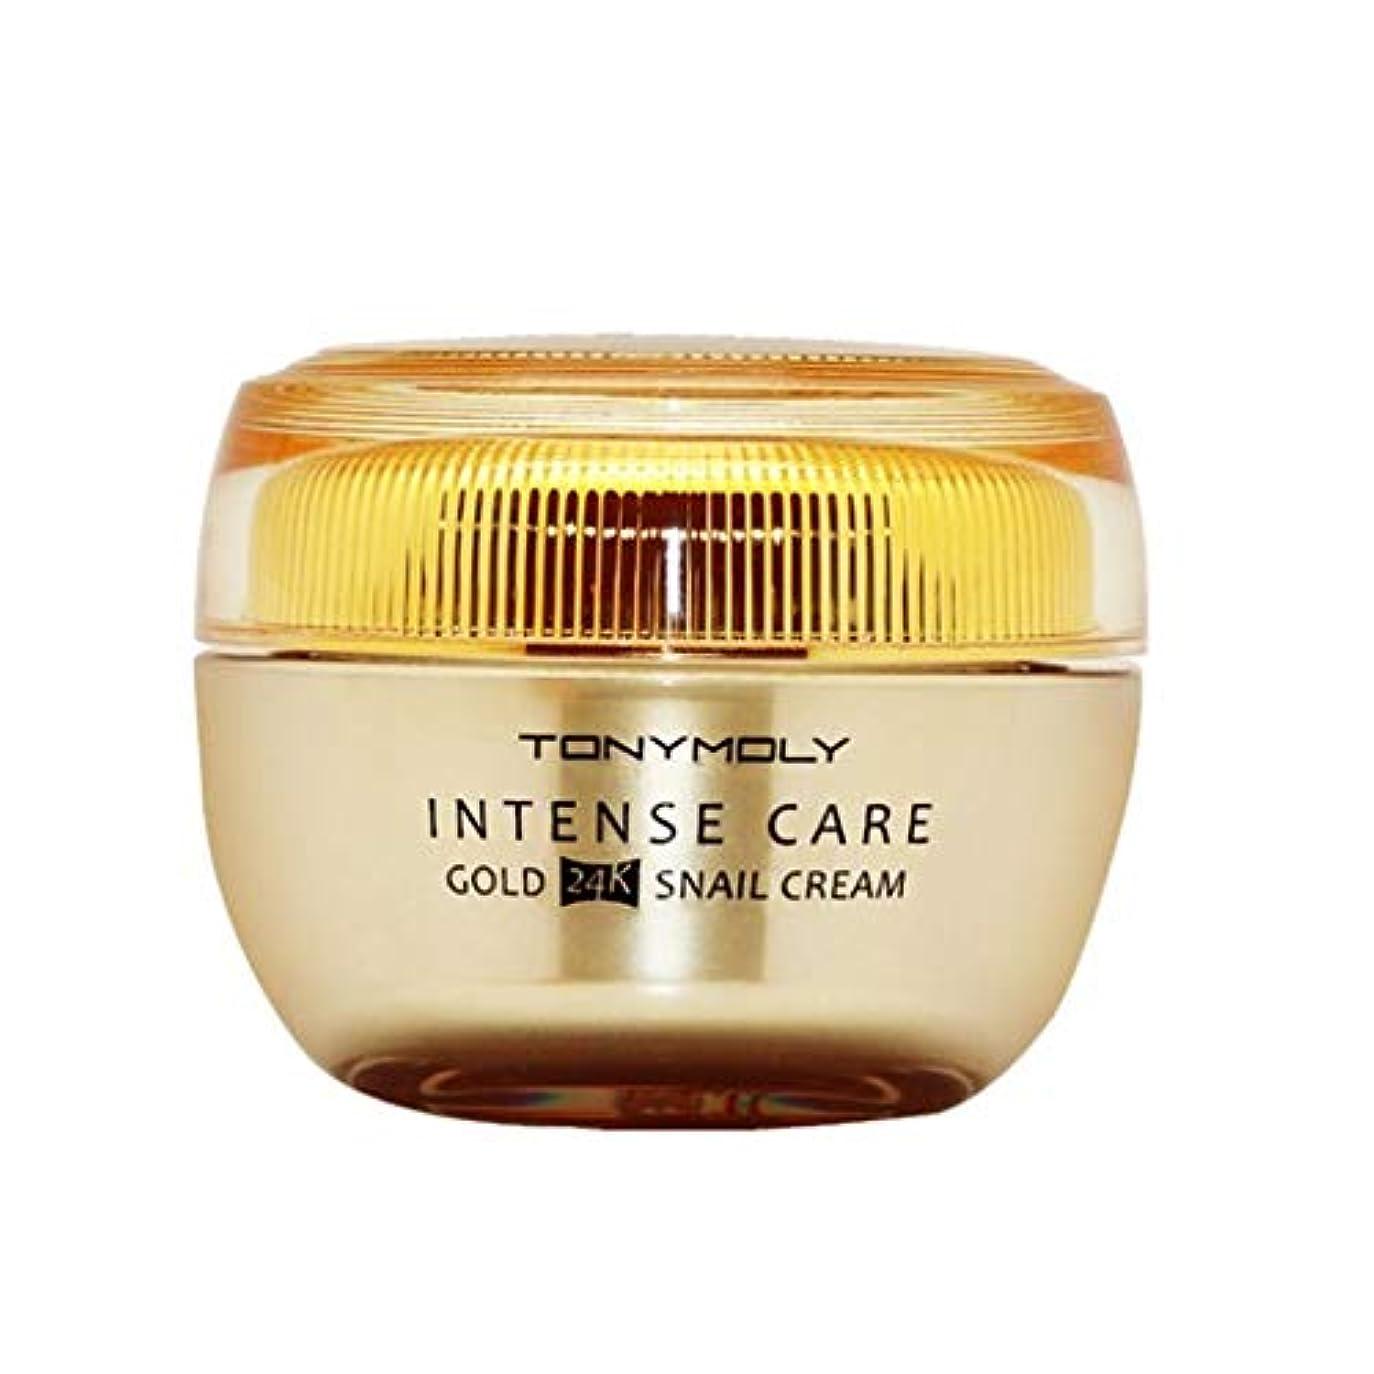 テープレクリエーションアーチトニーモリーインテンスケアゴールド24Kスネールクリーム45ml x 2本セット美白、シワ改善クリーム、Tonymoly Intense Care Gold 24K Snail Cream 45ml x 2ea Set Whitening Wrinkle Care Cream [並行輸入品]